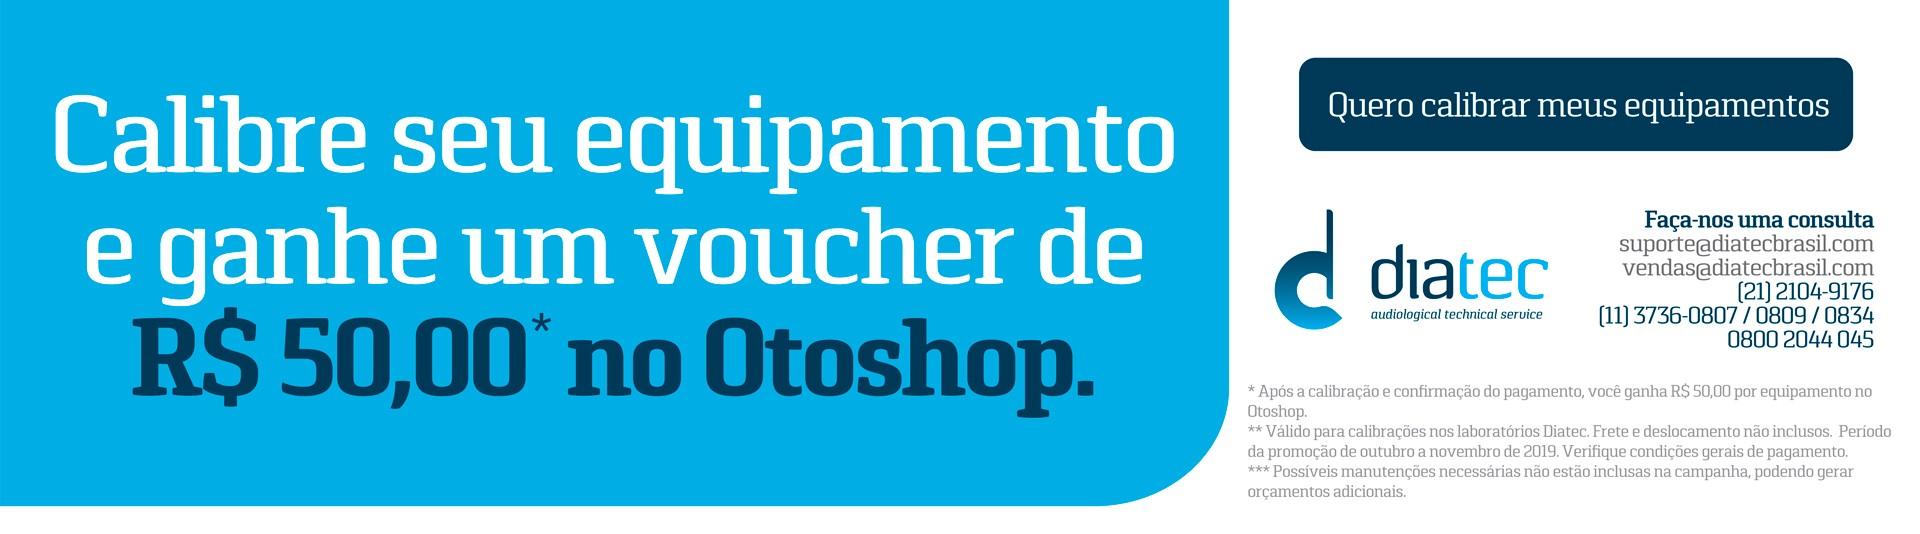 Calibre seu equipamento e ganhe um voucher de R$ 50,00 no Otoshop